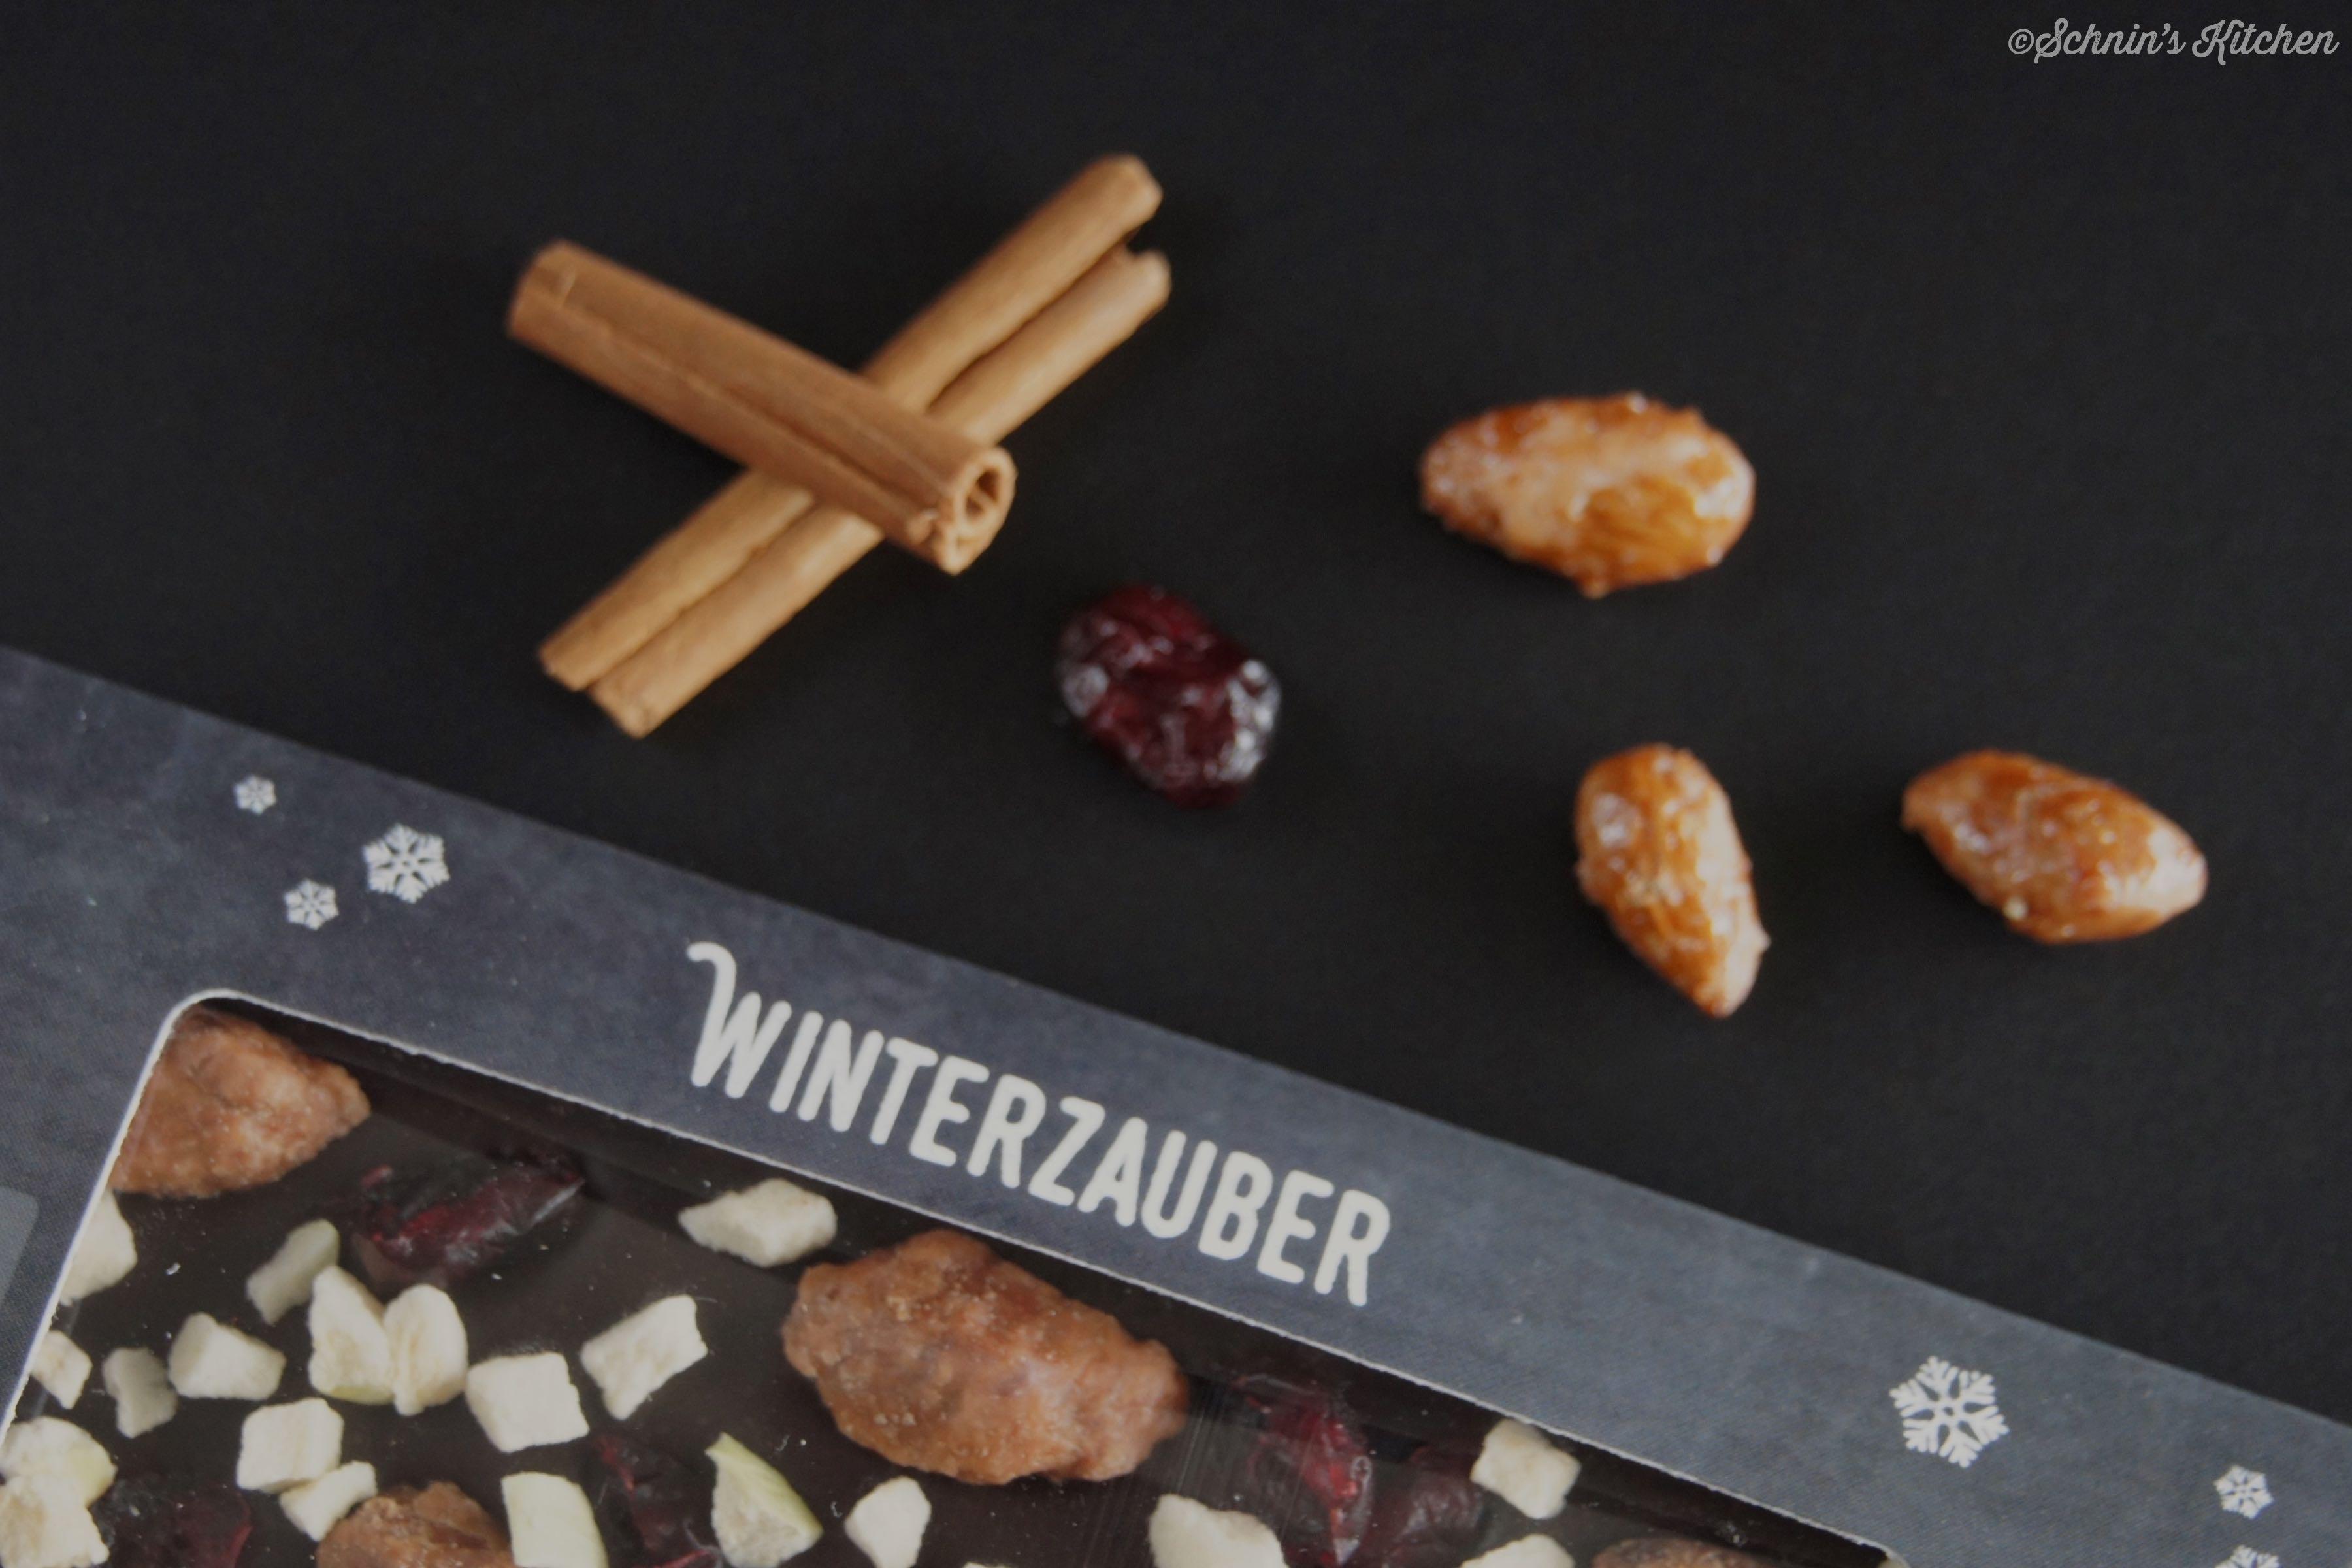 Schnin's Kitchen: Meine Blog-Schokolade - Schnin's Winterzauber